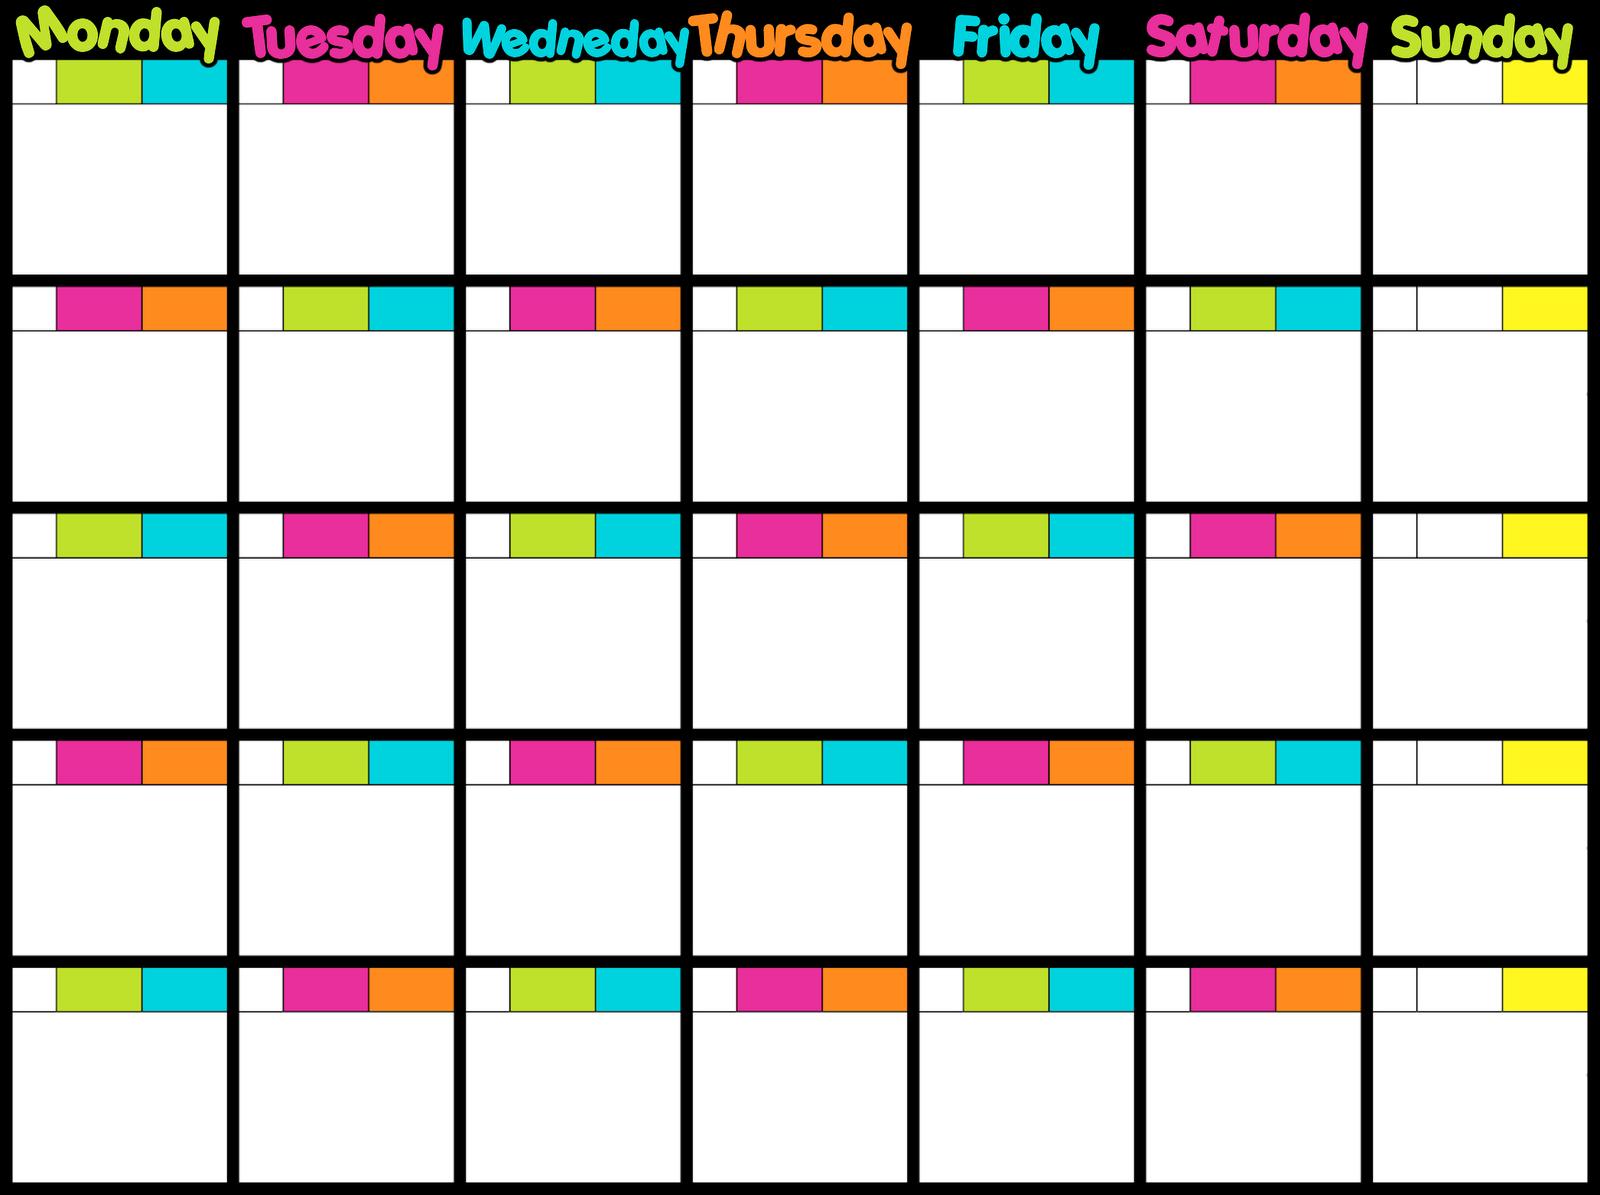 Weight Loss Calendar Countdown | Calendar Template 2016